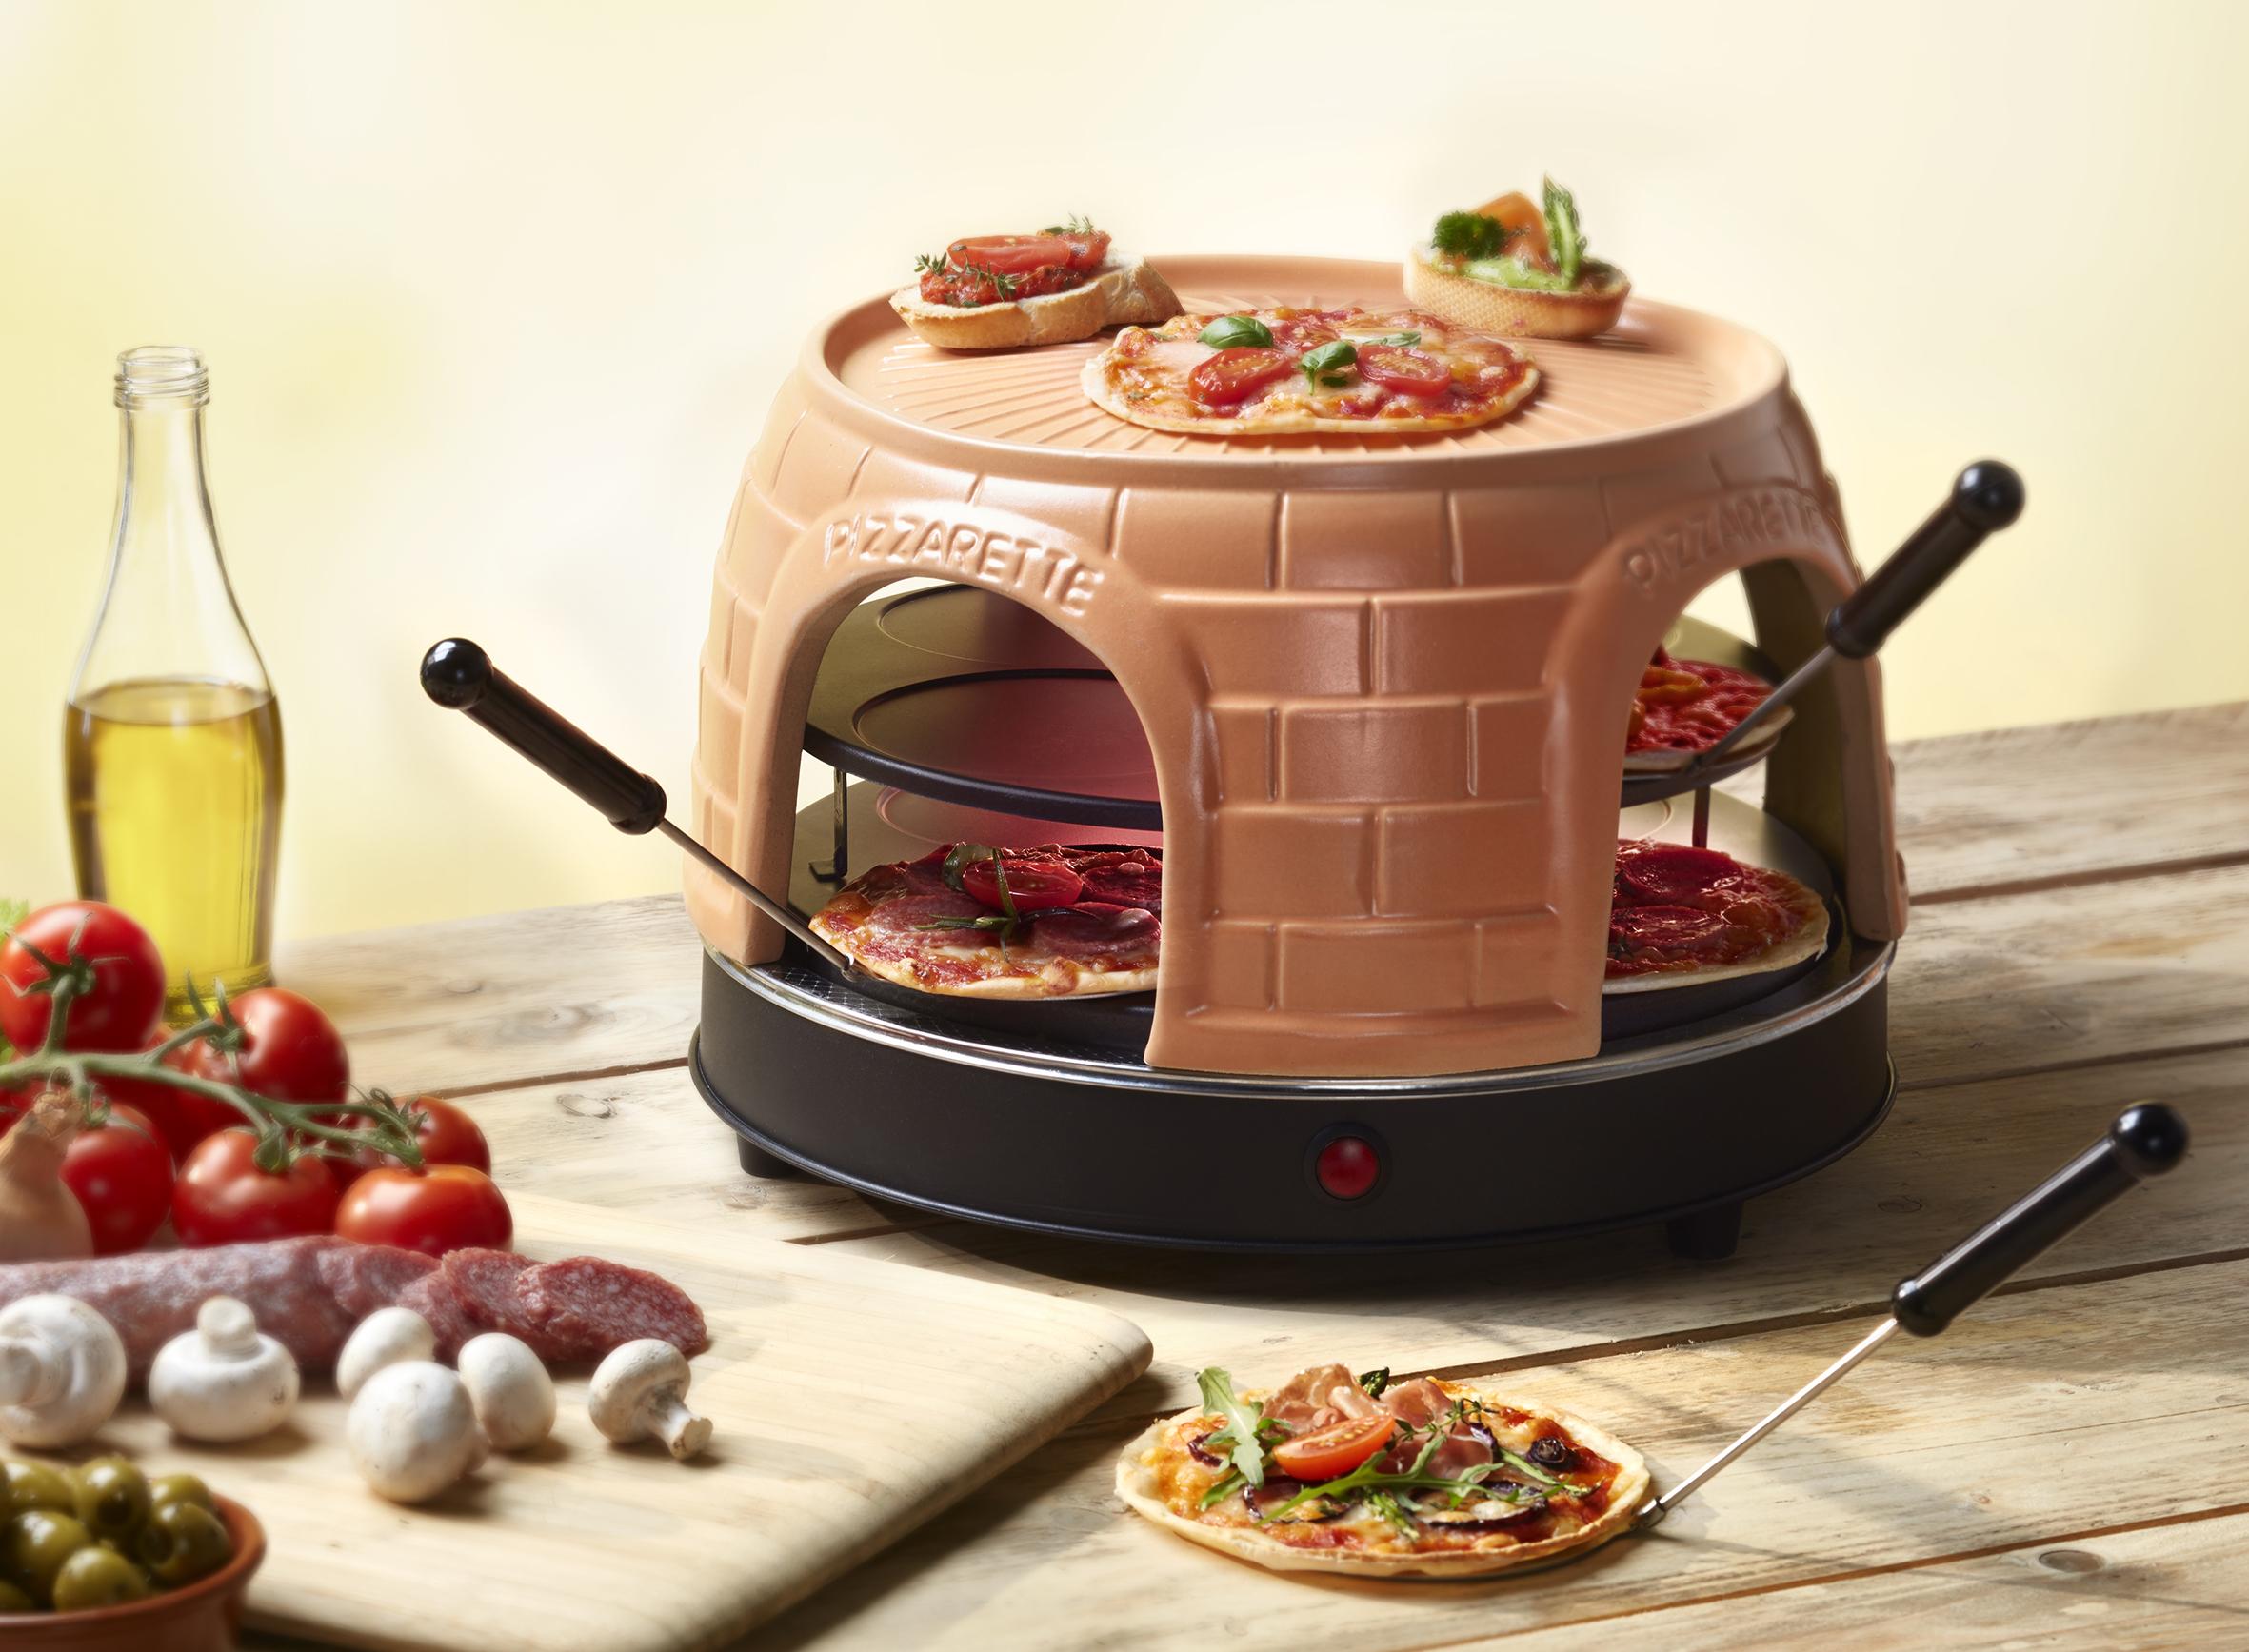 Pizzarette Keep Warm 8 Persoons De Officiële Pizzarette Leverancier